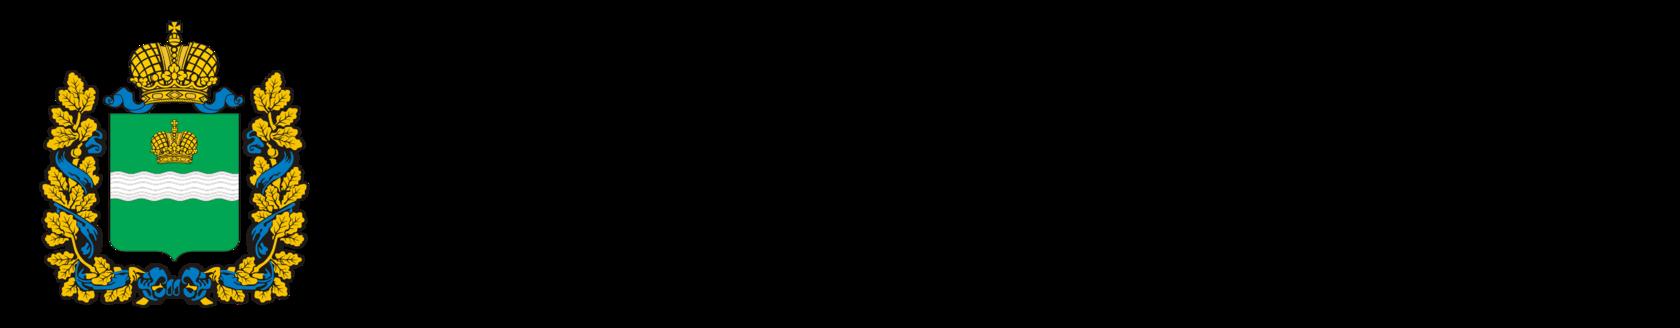 Государственное бюджетное учреждение Калужской области «Спортивная школа олимпийского резерва по гребному спорту Вячеслава Иванова»